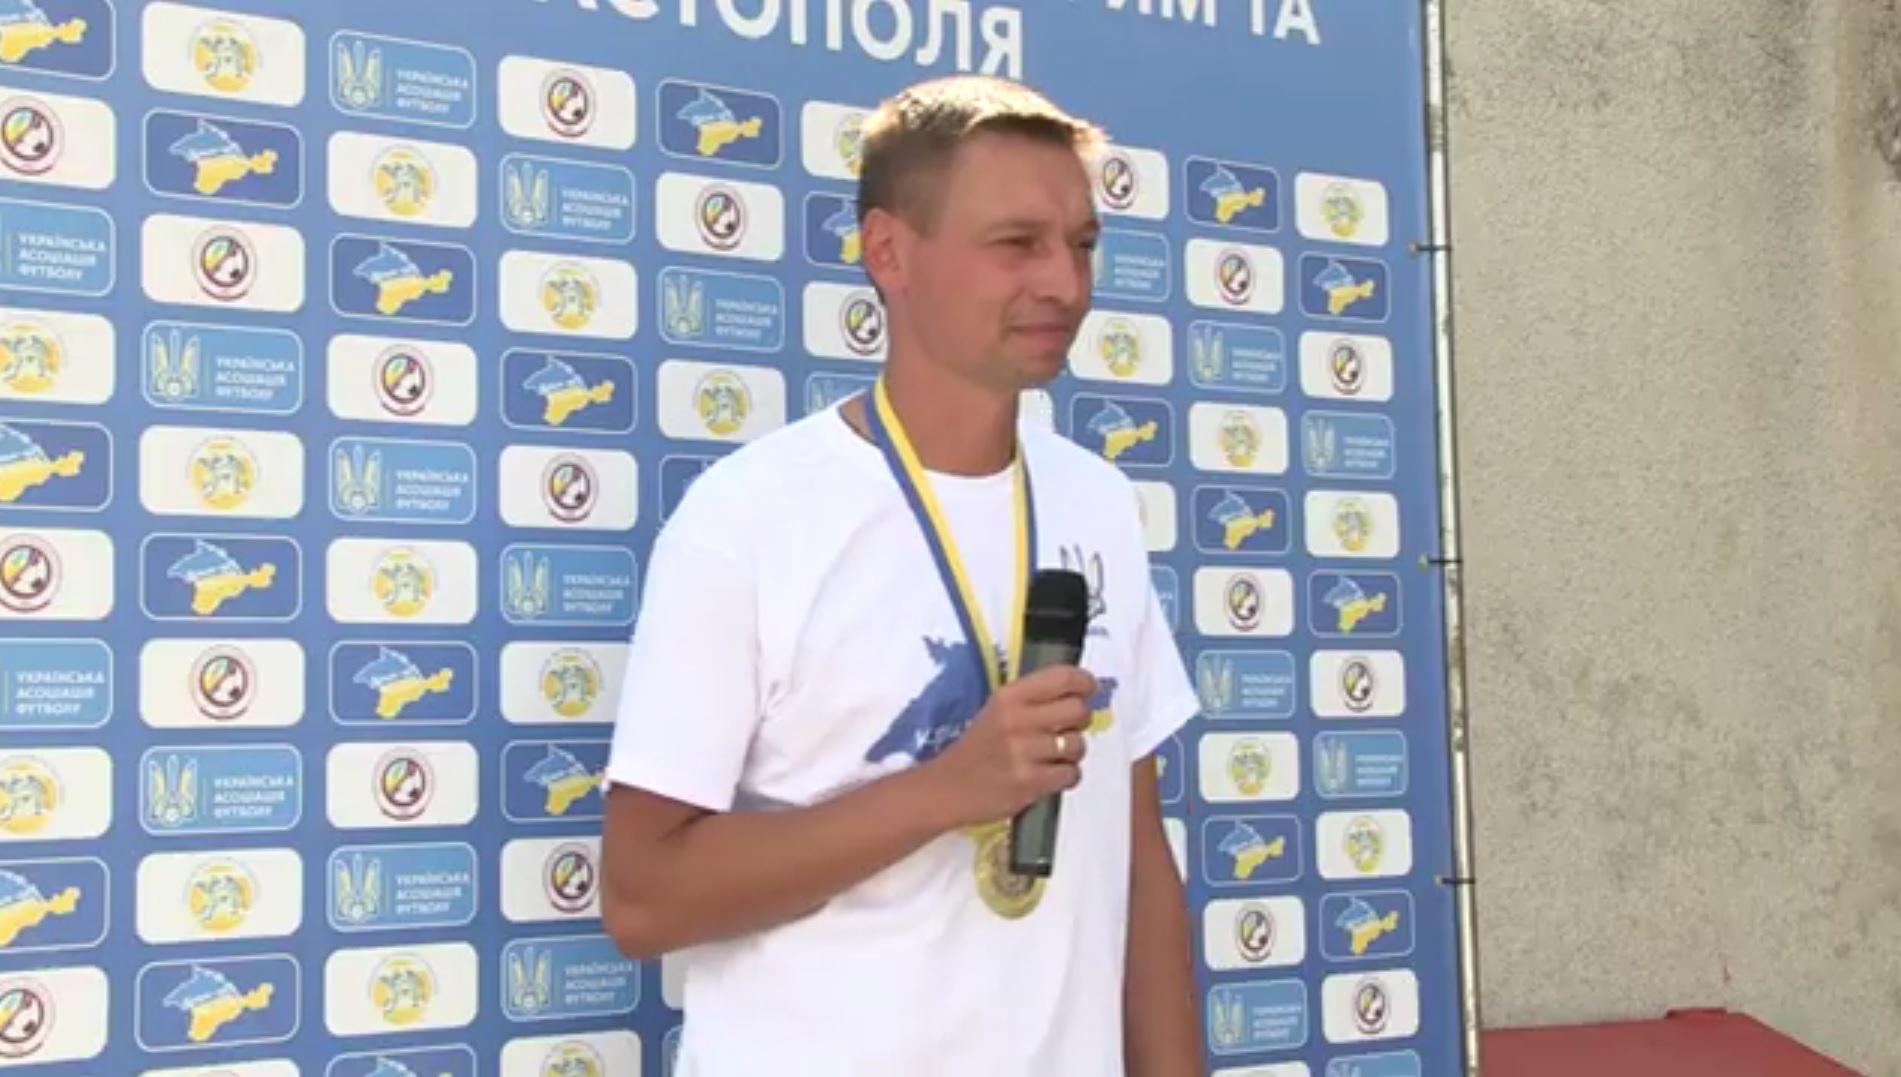 Інтерв'ю: VI традиційний турнір «Крим — це Україна»